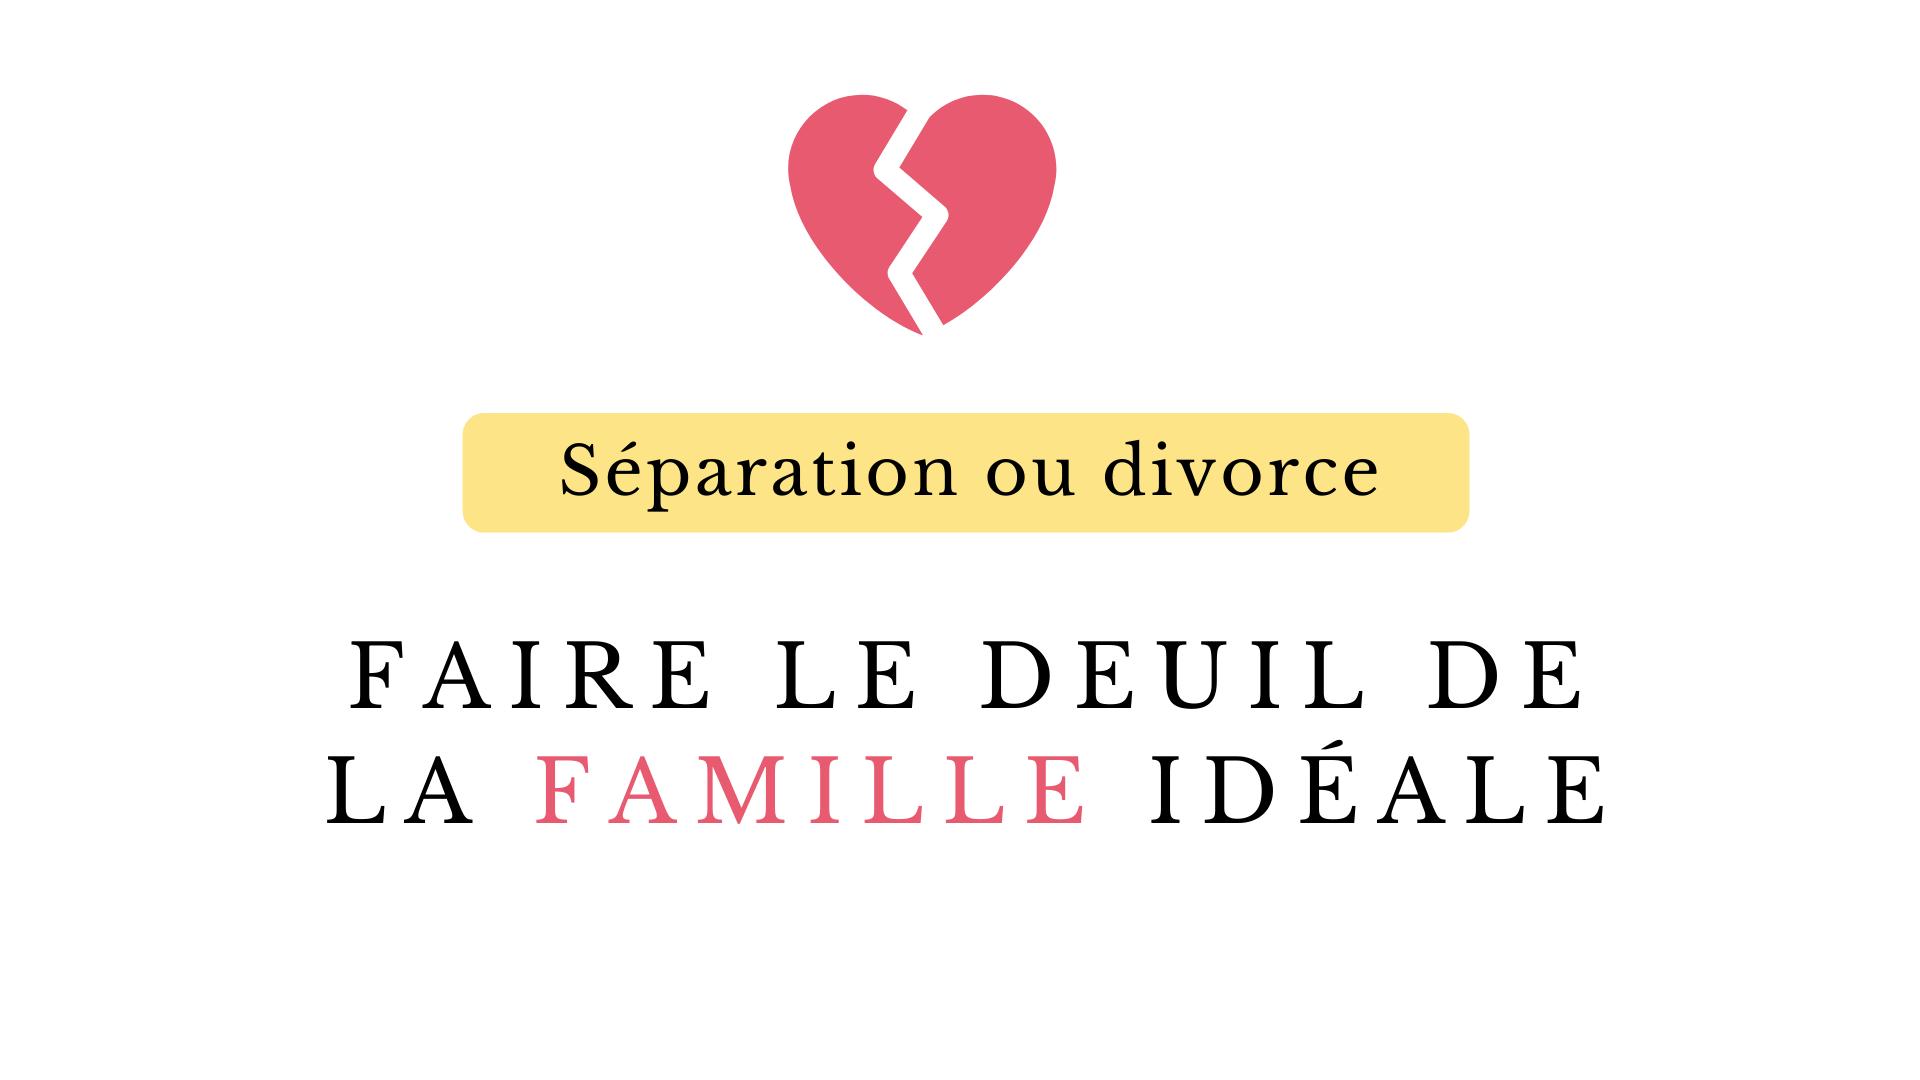 Séparation ou divorce deuil famille idéale